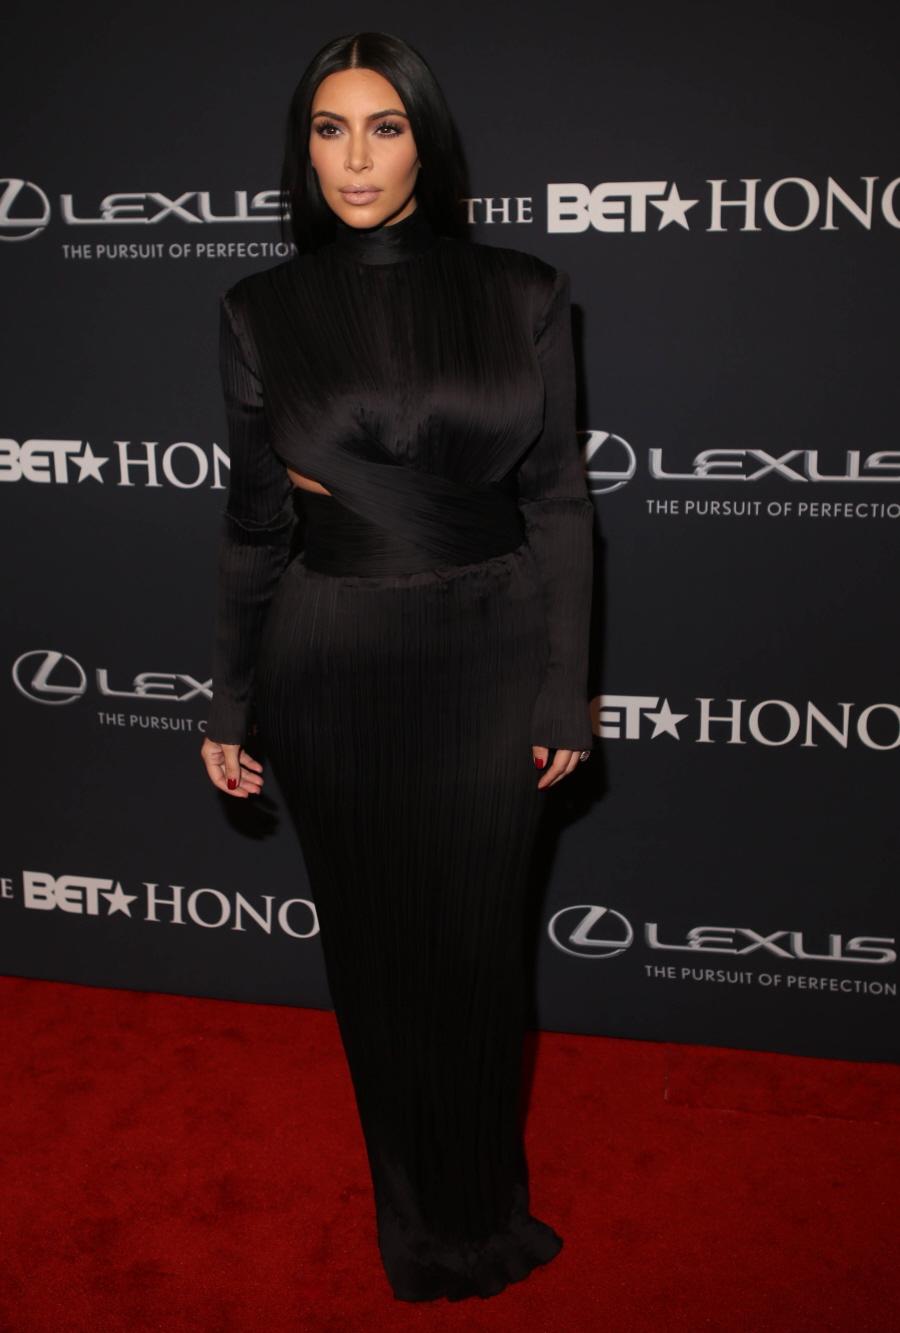 Dress black kim kardashian - Wenn22106780